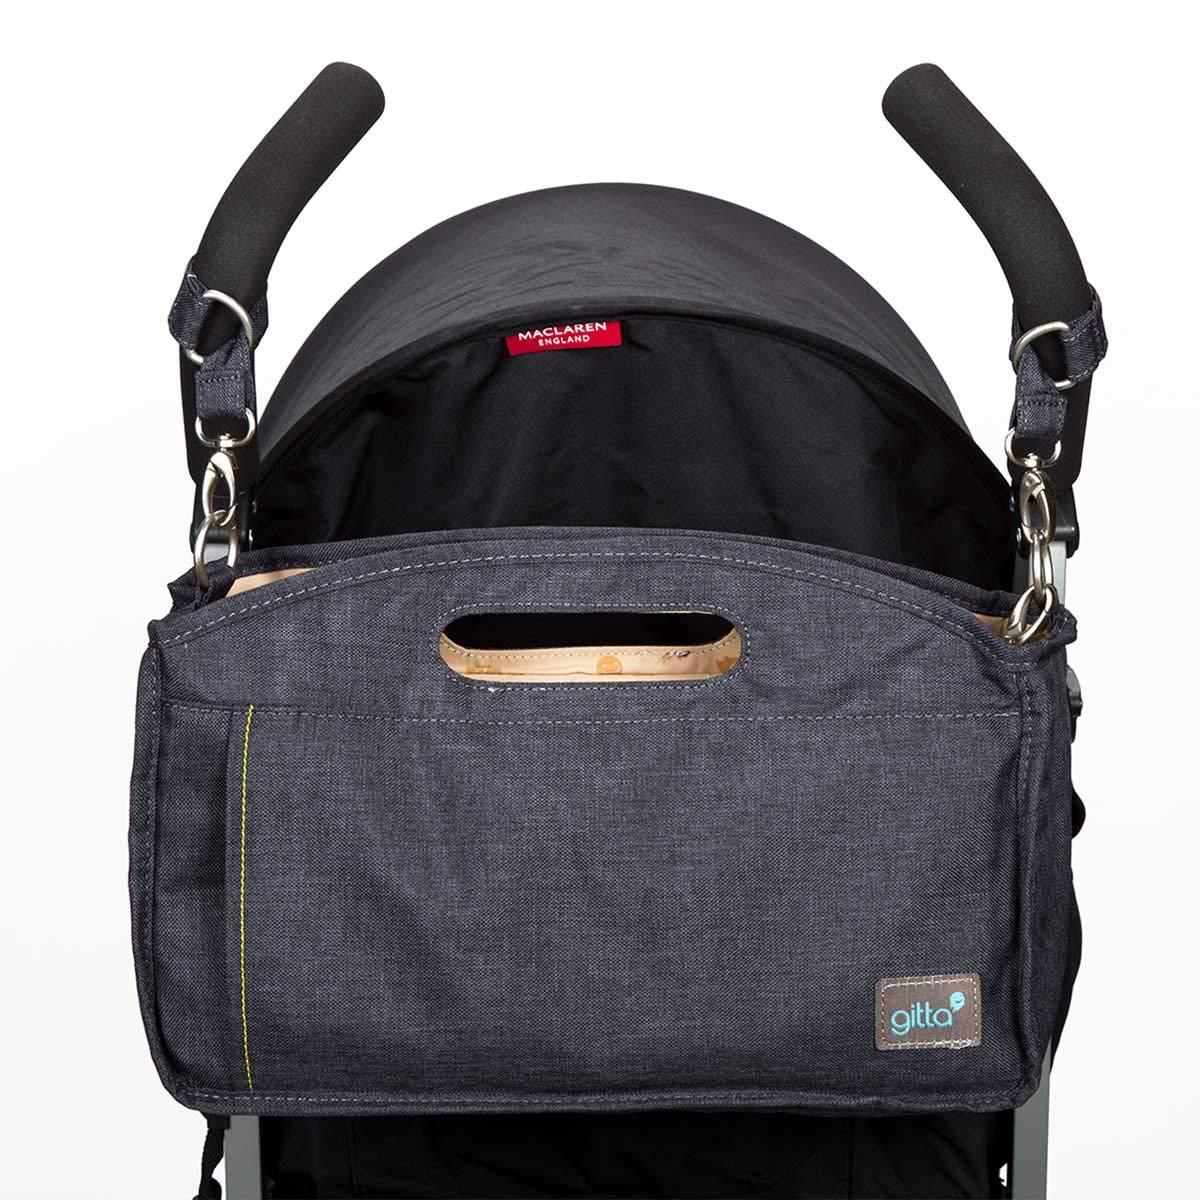 Gitta Stroll Baby Stroller Organizer Storage Holder Bag, Dark Blue Denim